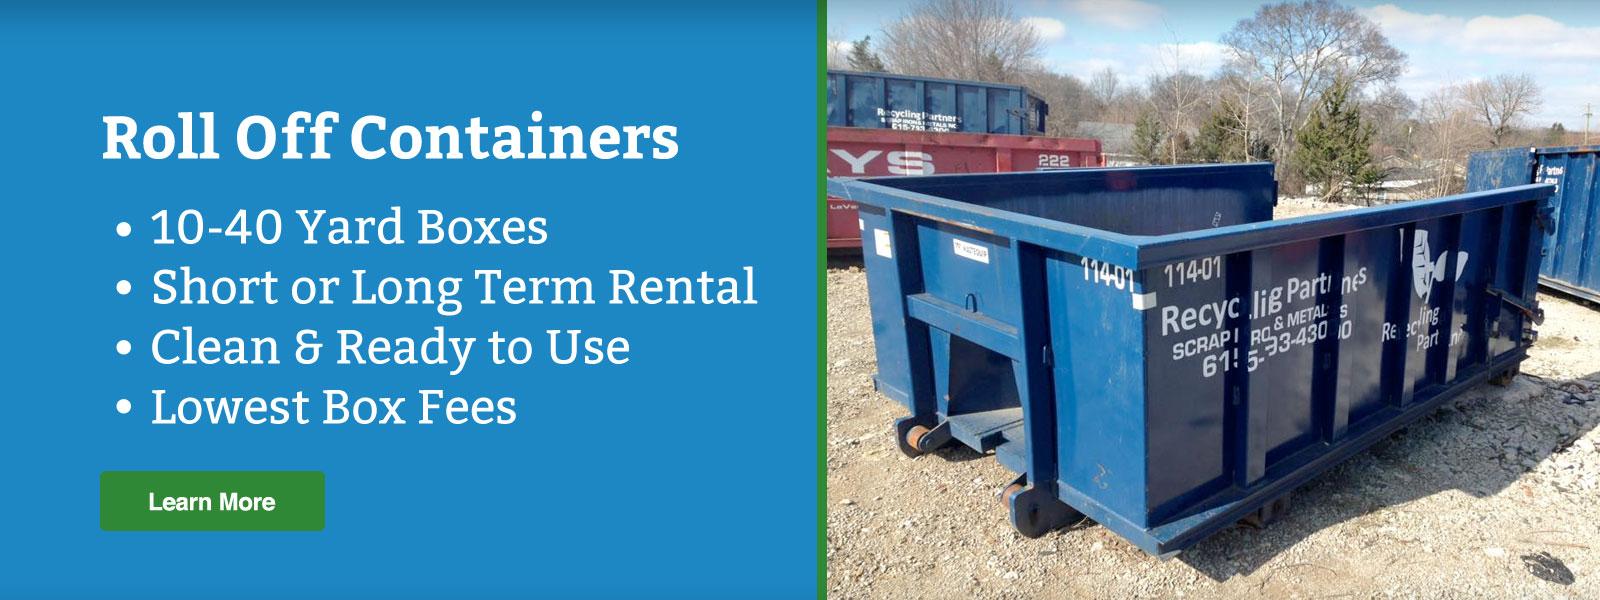 roll off dumpster rentals nashville tn